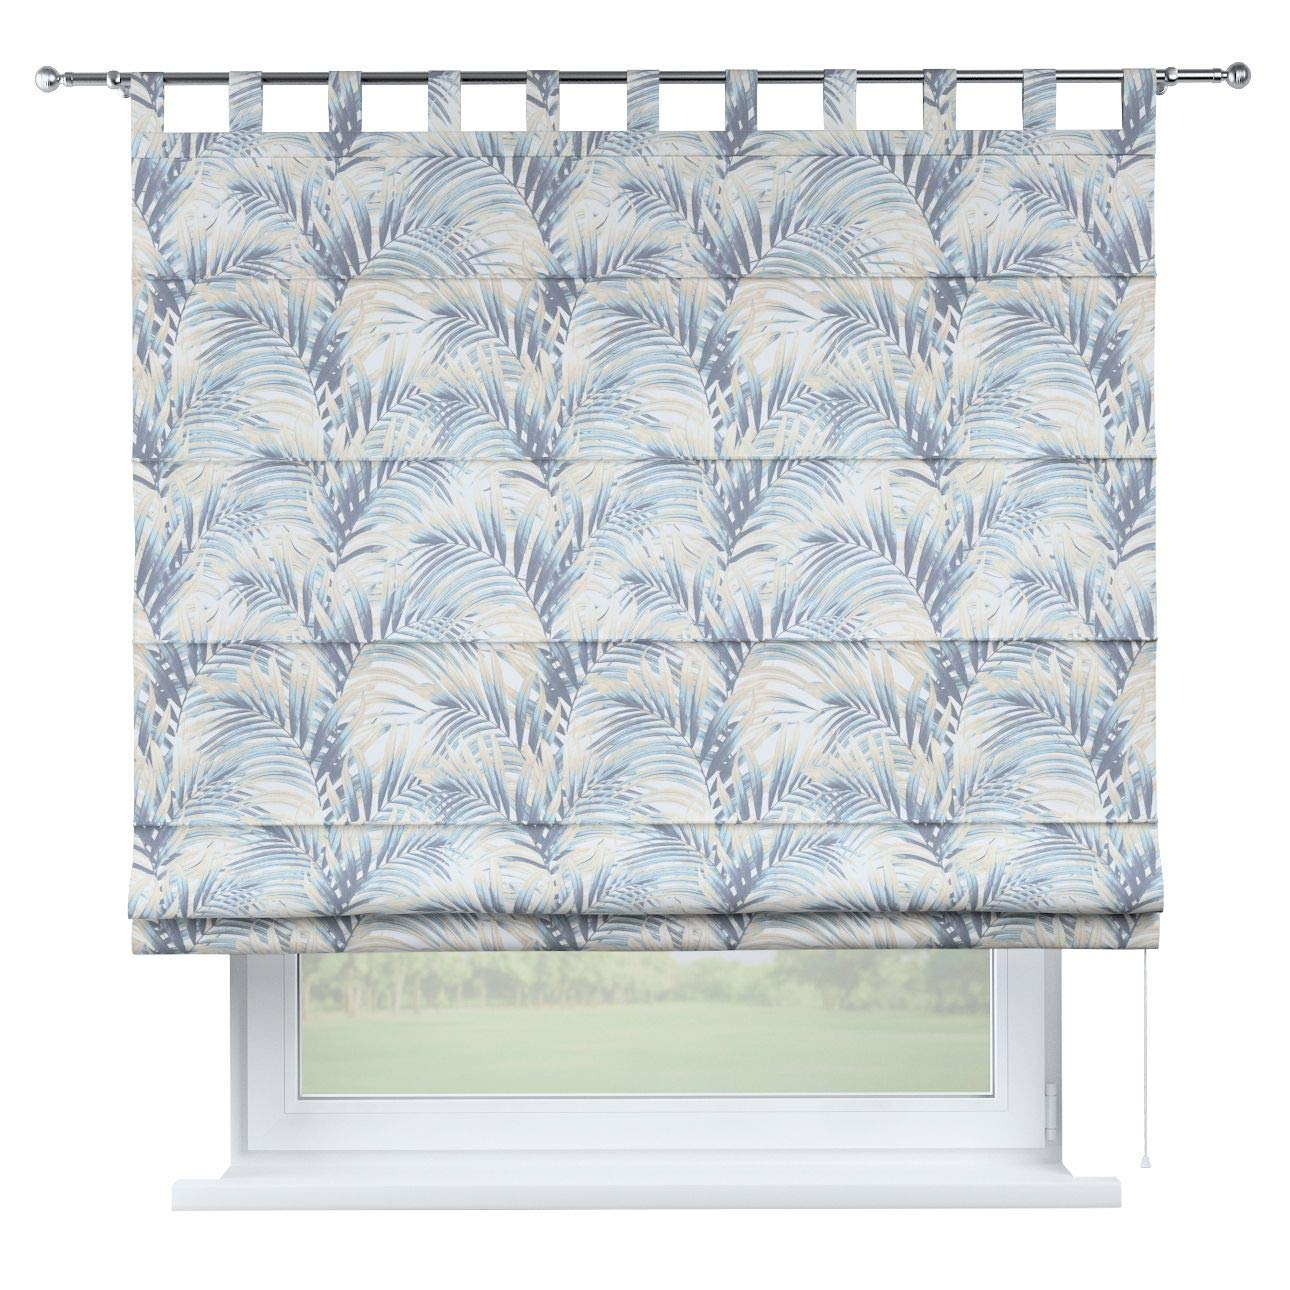 Dekoria Raffrollo Verona ohne Bohren Blickdicht Faltvorhang Raffgardine Wohnzimmer Schlafzimmer Kinderzimmer 100 × 170 cm blau-beige Raffrollos auf Maß maßanfertigung möglich